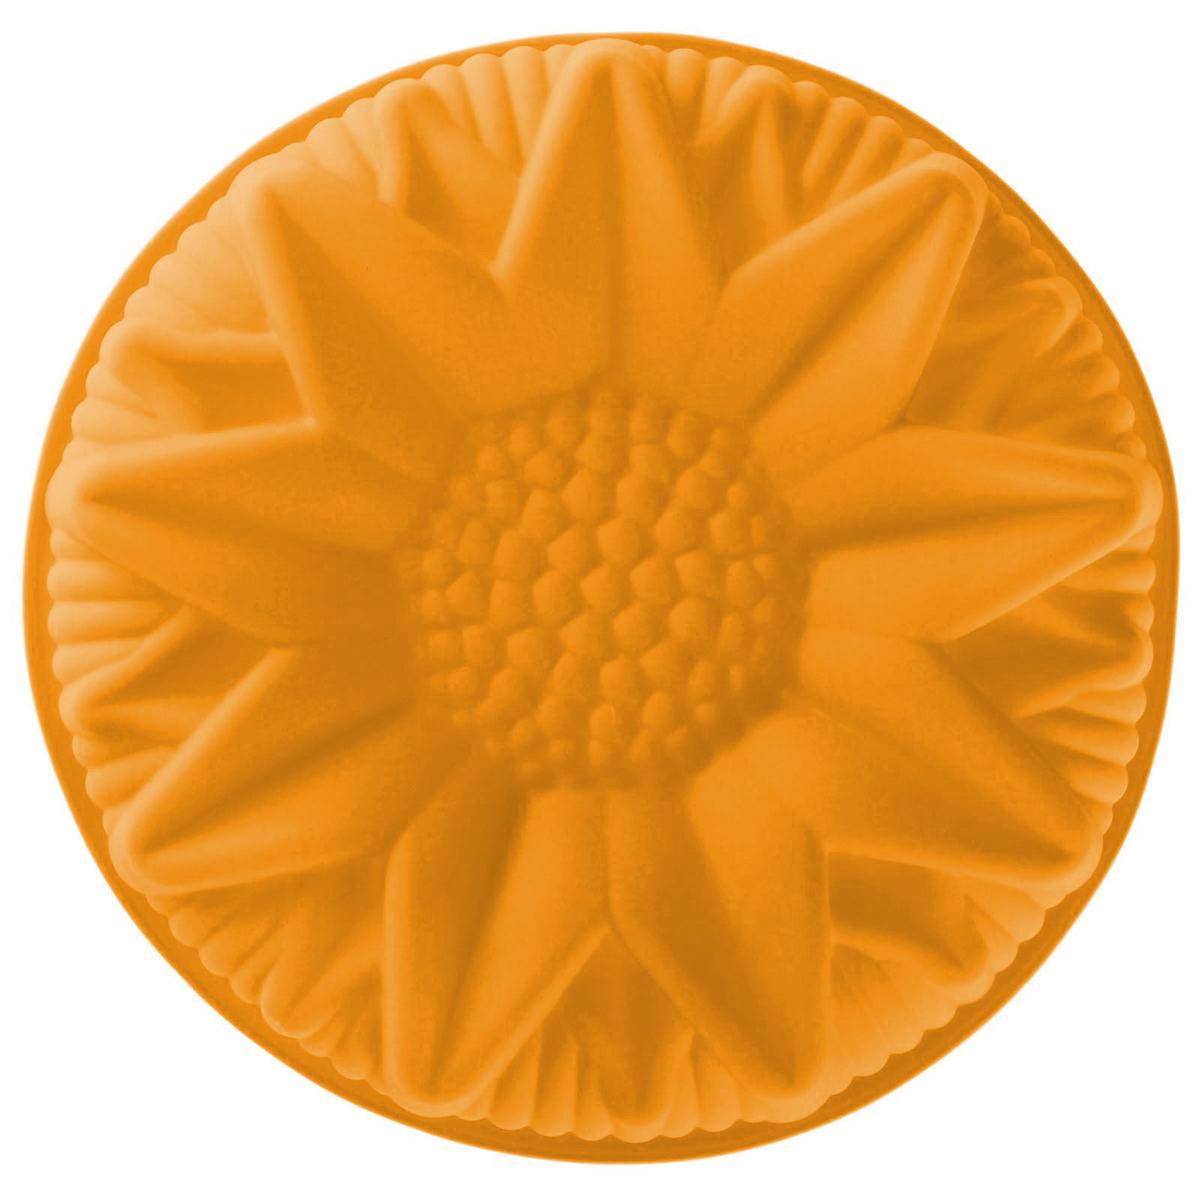 Форма для выпечки Доляна Подсолнух, цвет: оранжевый, 25 х 6 см1000382_оранжевый_оранжевыйФорма для выпечки из силикона - современное решение для практичных и радушных хозяек. Оригинальный предмет позволяет готовить в духовке любимые блюда из мяса, рыбы, птицы и овощей, а также вкуснейшую выпечку. Почему это изделие должно быть на кухне? блюдо сохраняет нужную форму и легко отделяется от стенок после приготовления; высокая термостойкость (от -40 до +230 градусов) позволяет применять форму в духовых шкафах и морозильных камерах; небольшая масса делает эксплуатацию предмета простой даже для хрупкой женщины; силикон пригоден для посудомоечных машин; высокопрочный материал делает форму долговечным инструментом; при хранении предмет занимает мало места. Советы по использованию формы: Перед первым применением промойте предмет тёплой водой. В процессе приготовления используйте кухонный инструмент из дерева, пластика или силикона. Перед извлечением блюда из силиконовой формы дайте ему немного остыть, осторожно отогните края предмета. Готовьте с удовольствием!